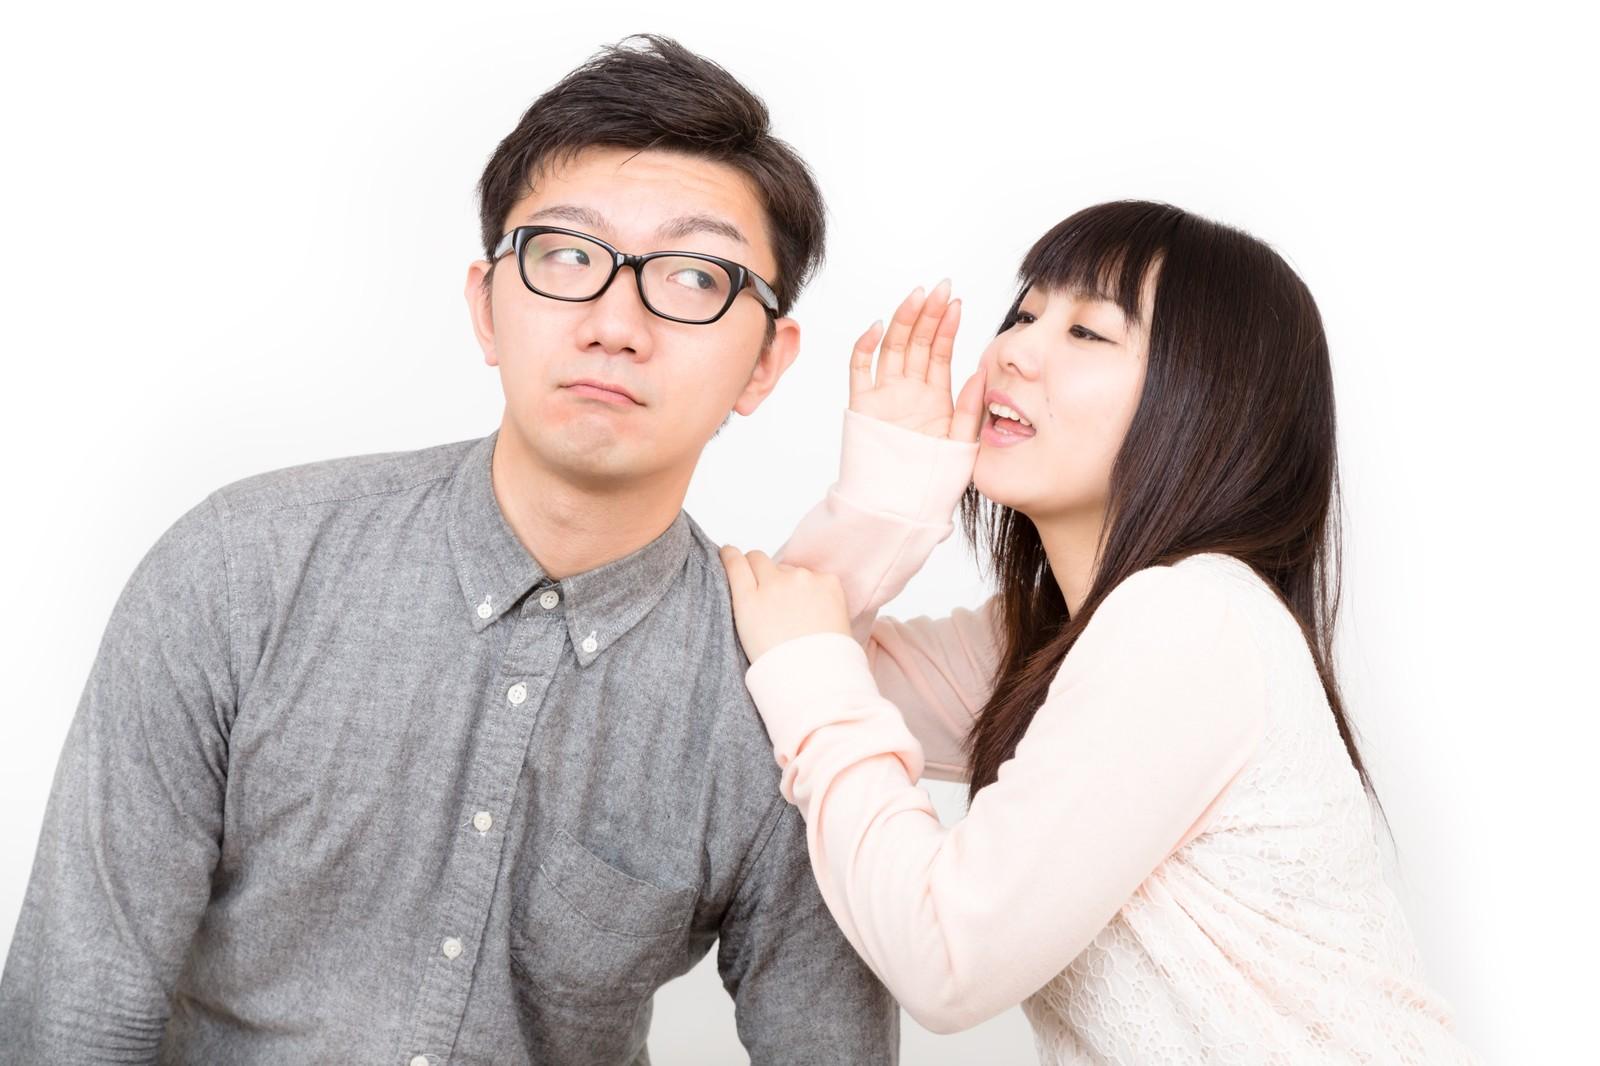 明日までにお金を作る方法・高校生&大学生編|借金以外の方法あり!